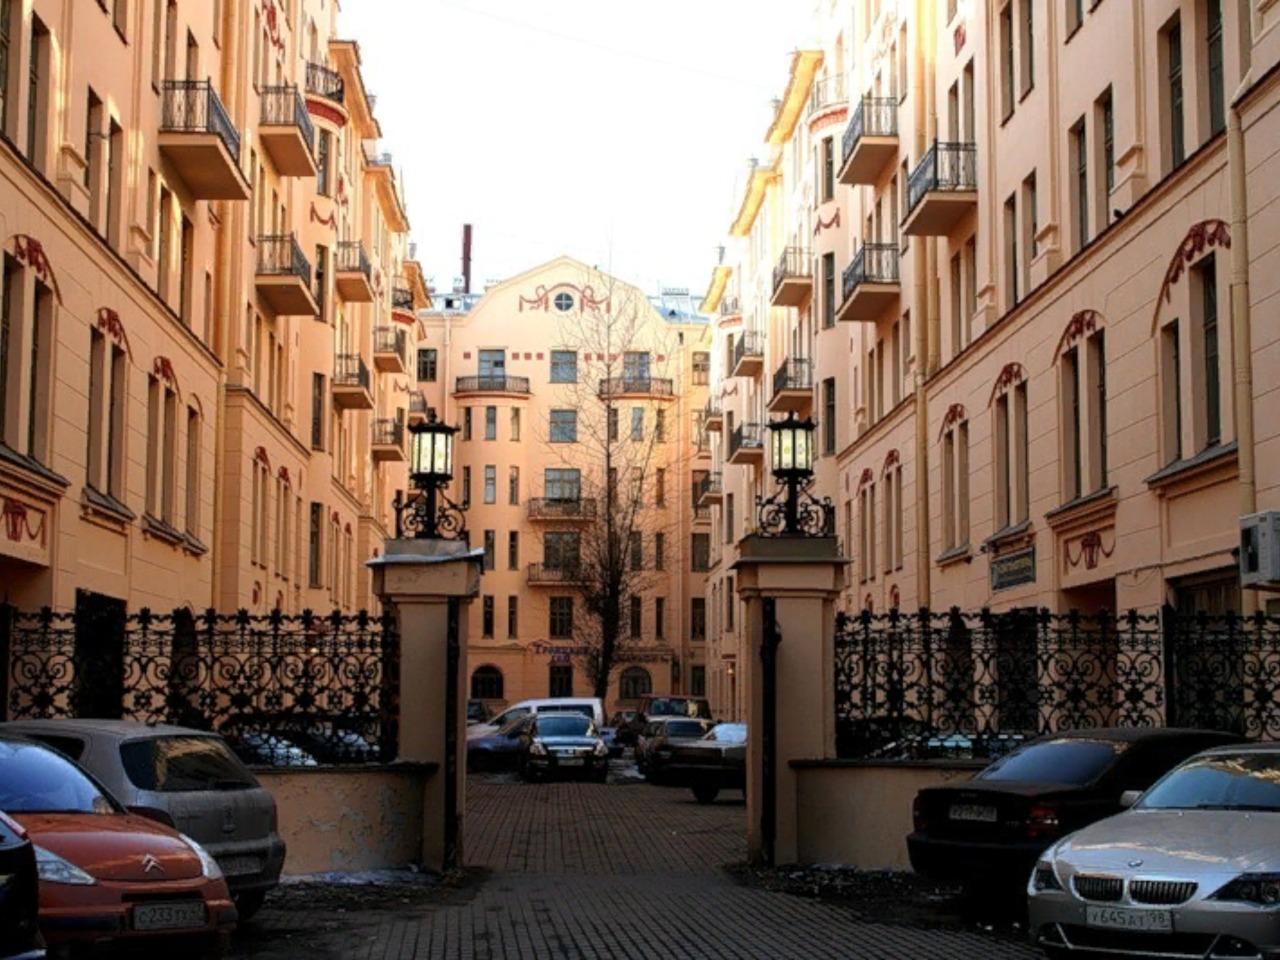 Удивительные дворики Санкт-Петербурга - индивидуальная экскурсия по Санкт-Петербургу от опытного гида